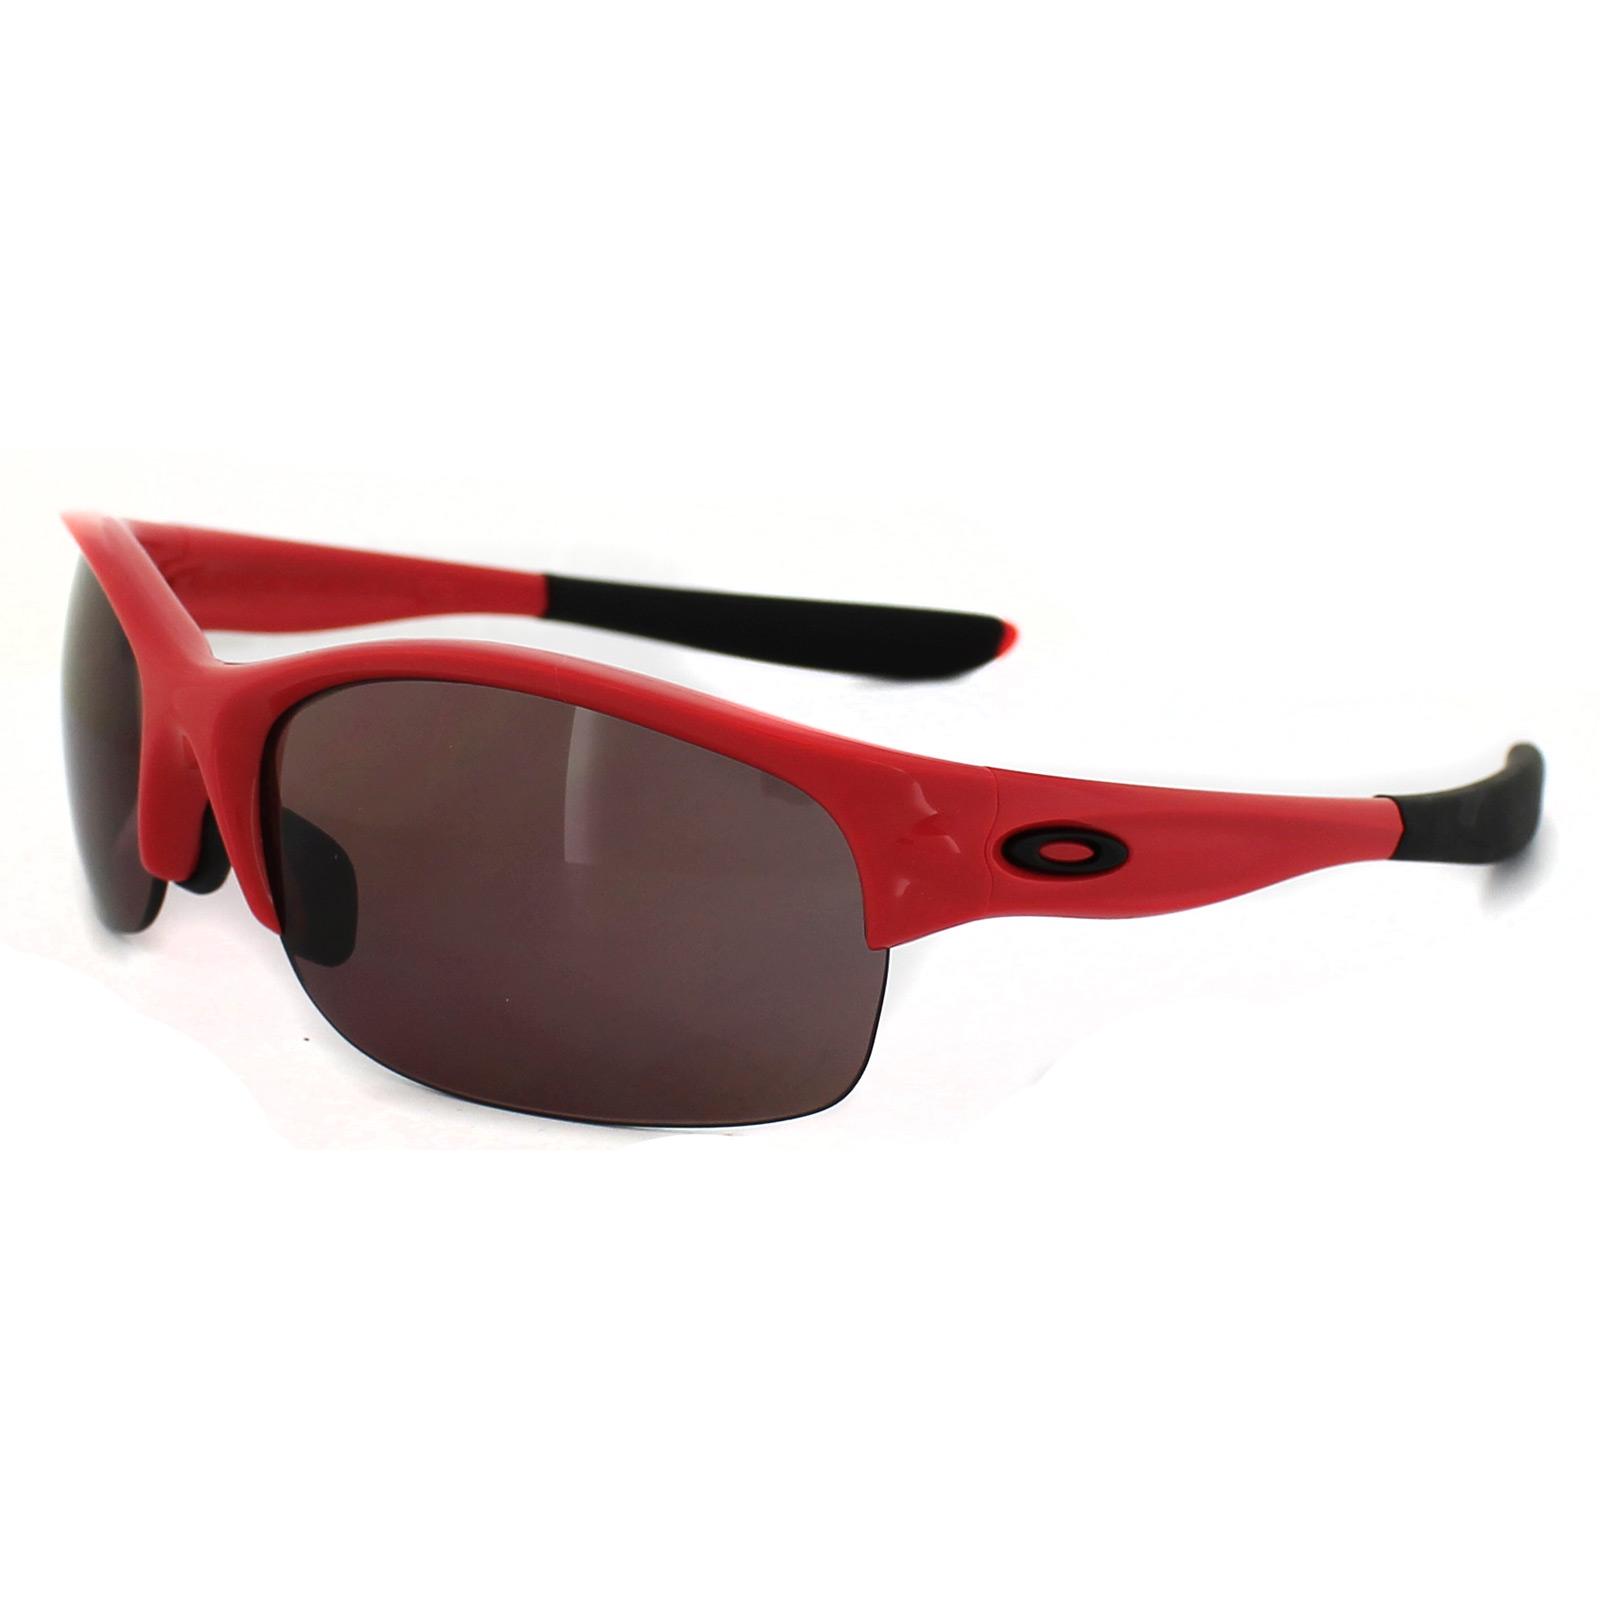 9a0wbbu9suhezqb Oakley Sunglasses Uk